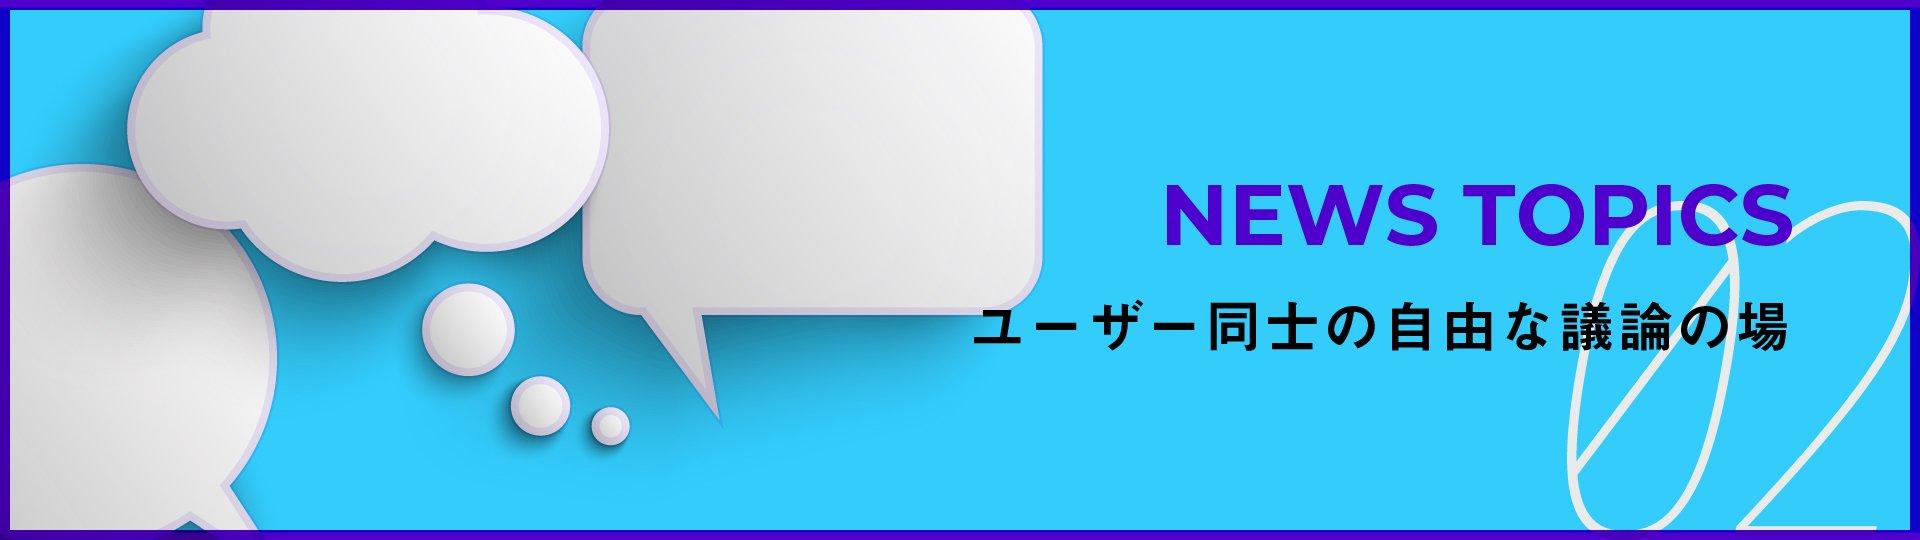 ニューストピックス.jpg